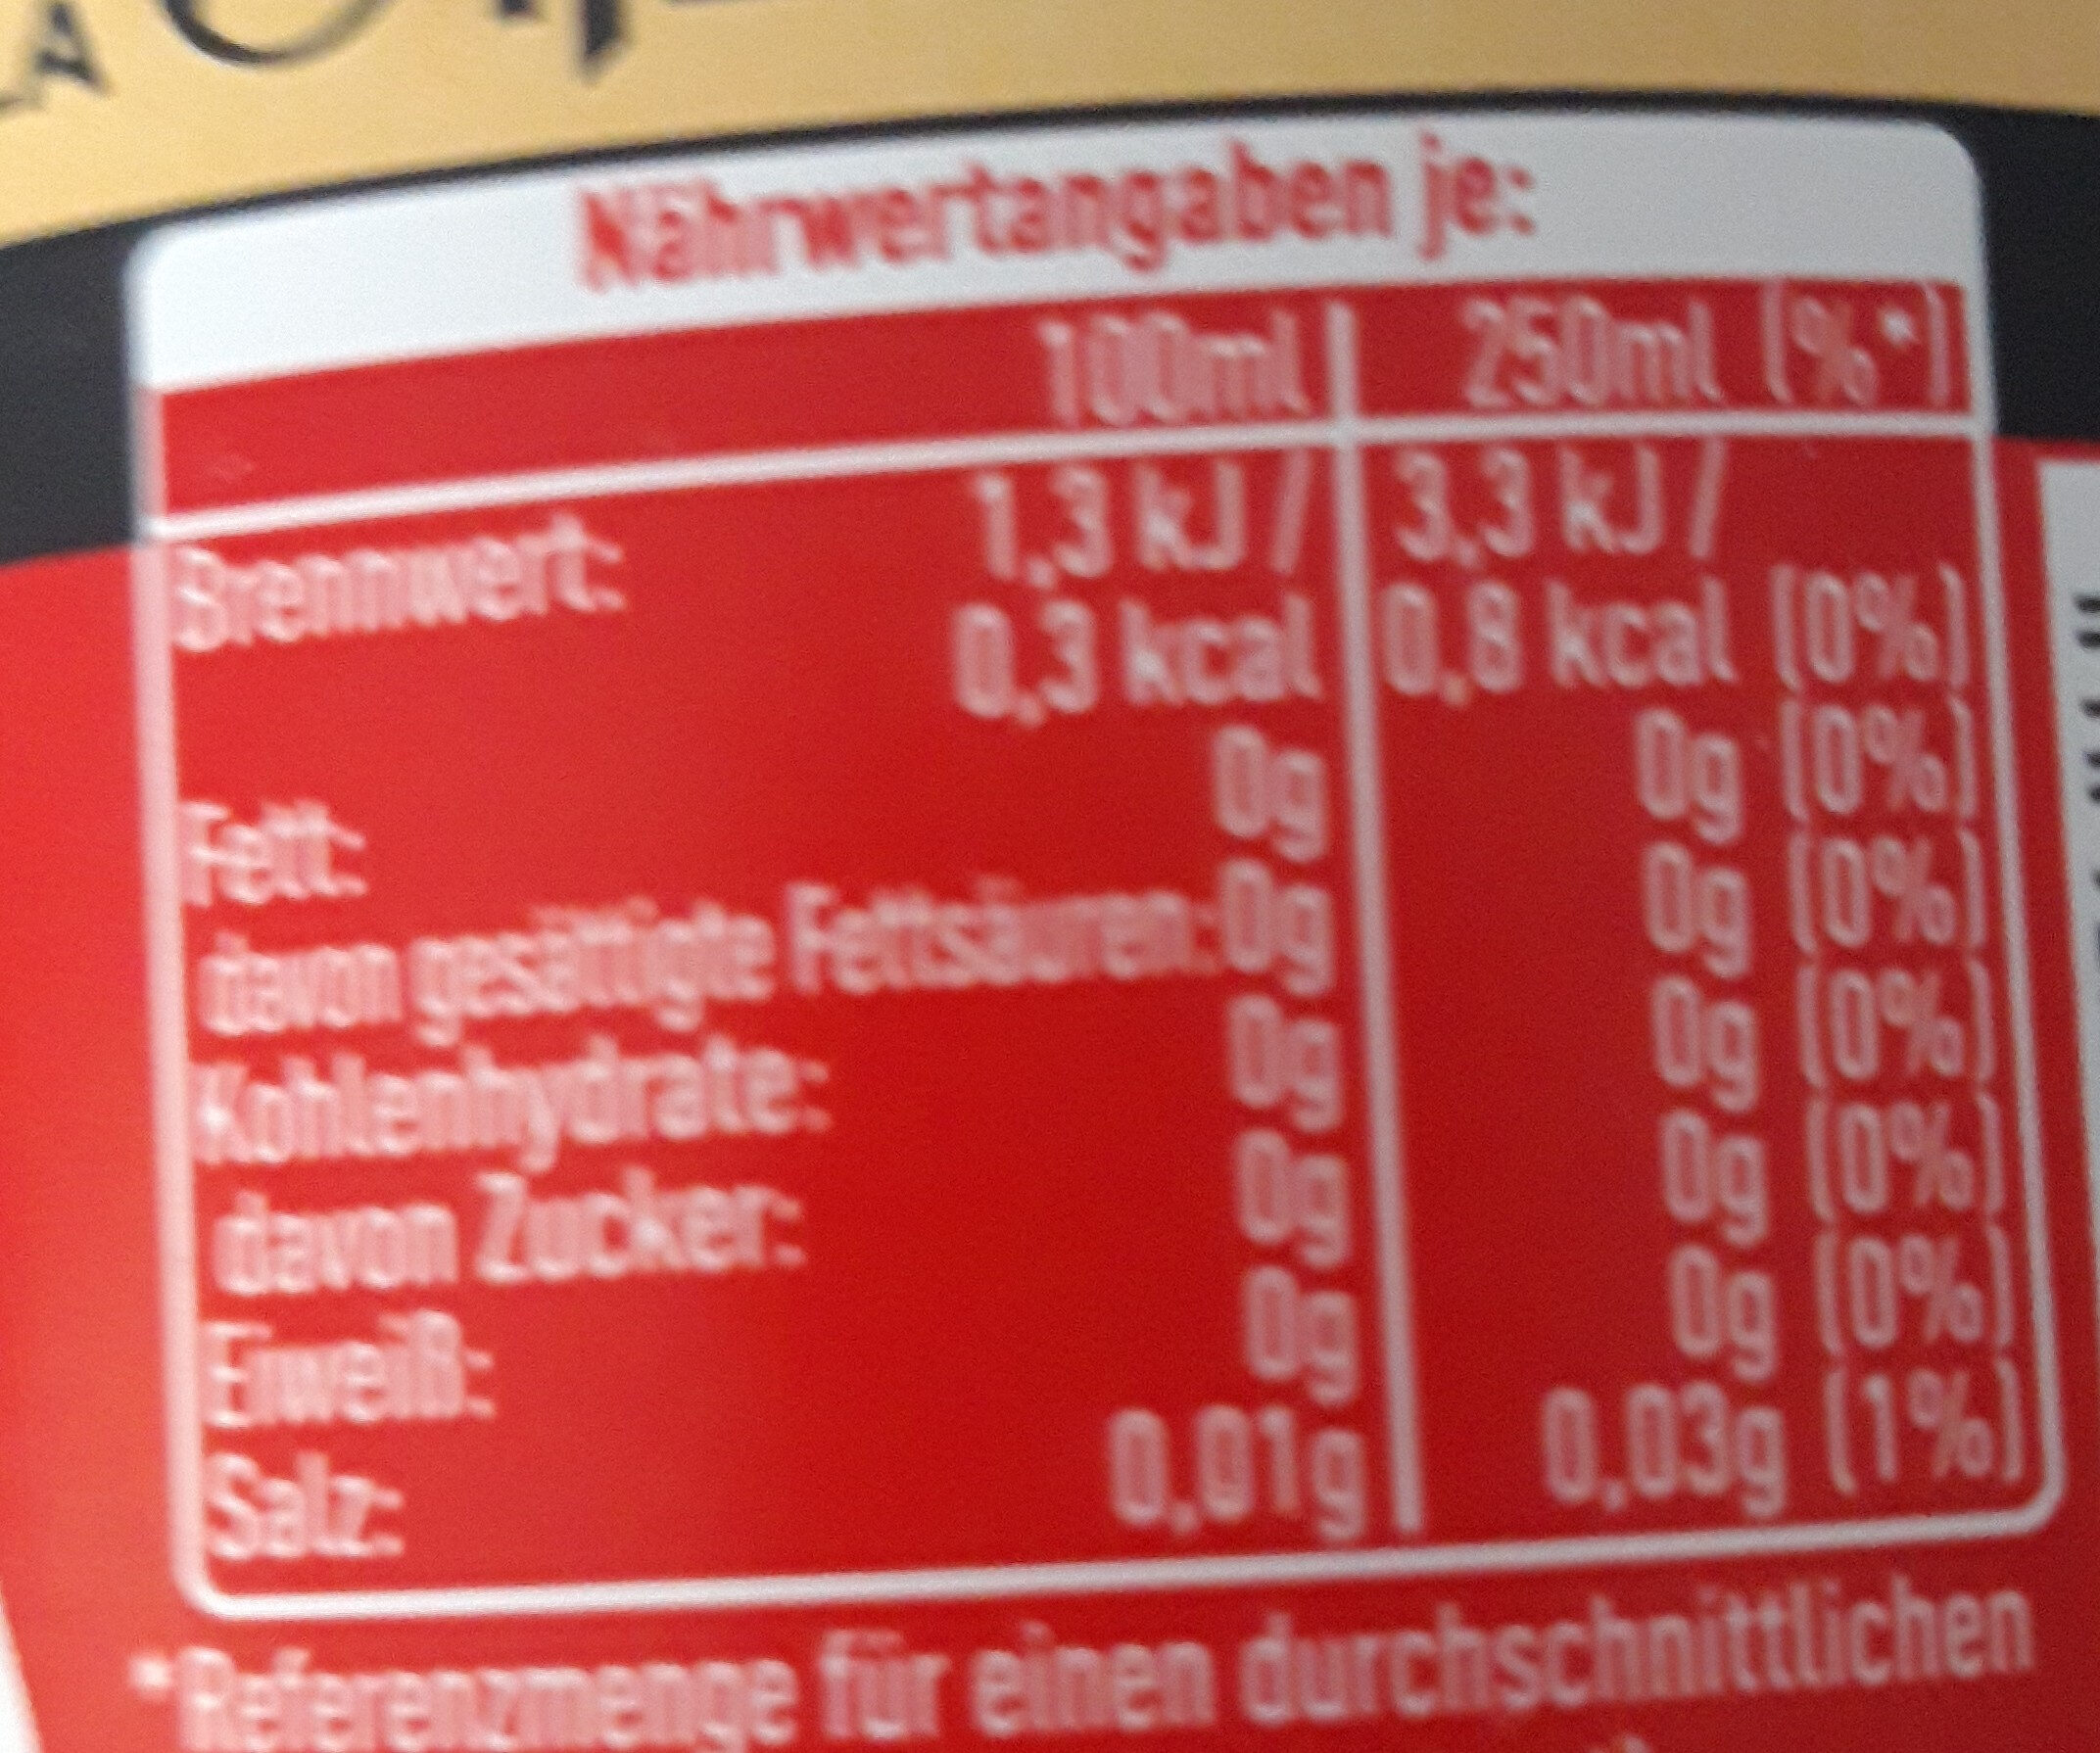 Coca vanille sans sucre - Informations nutritionnelles - fr